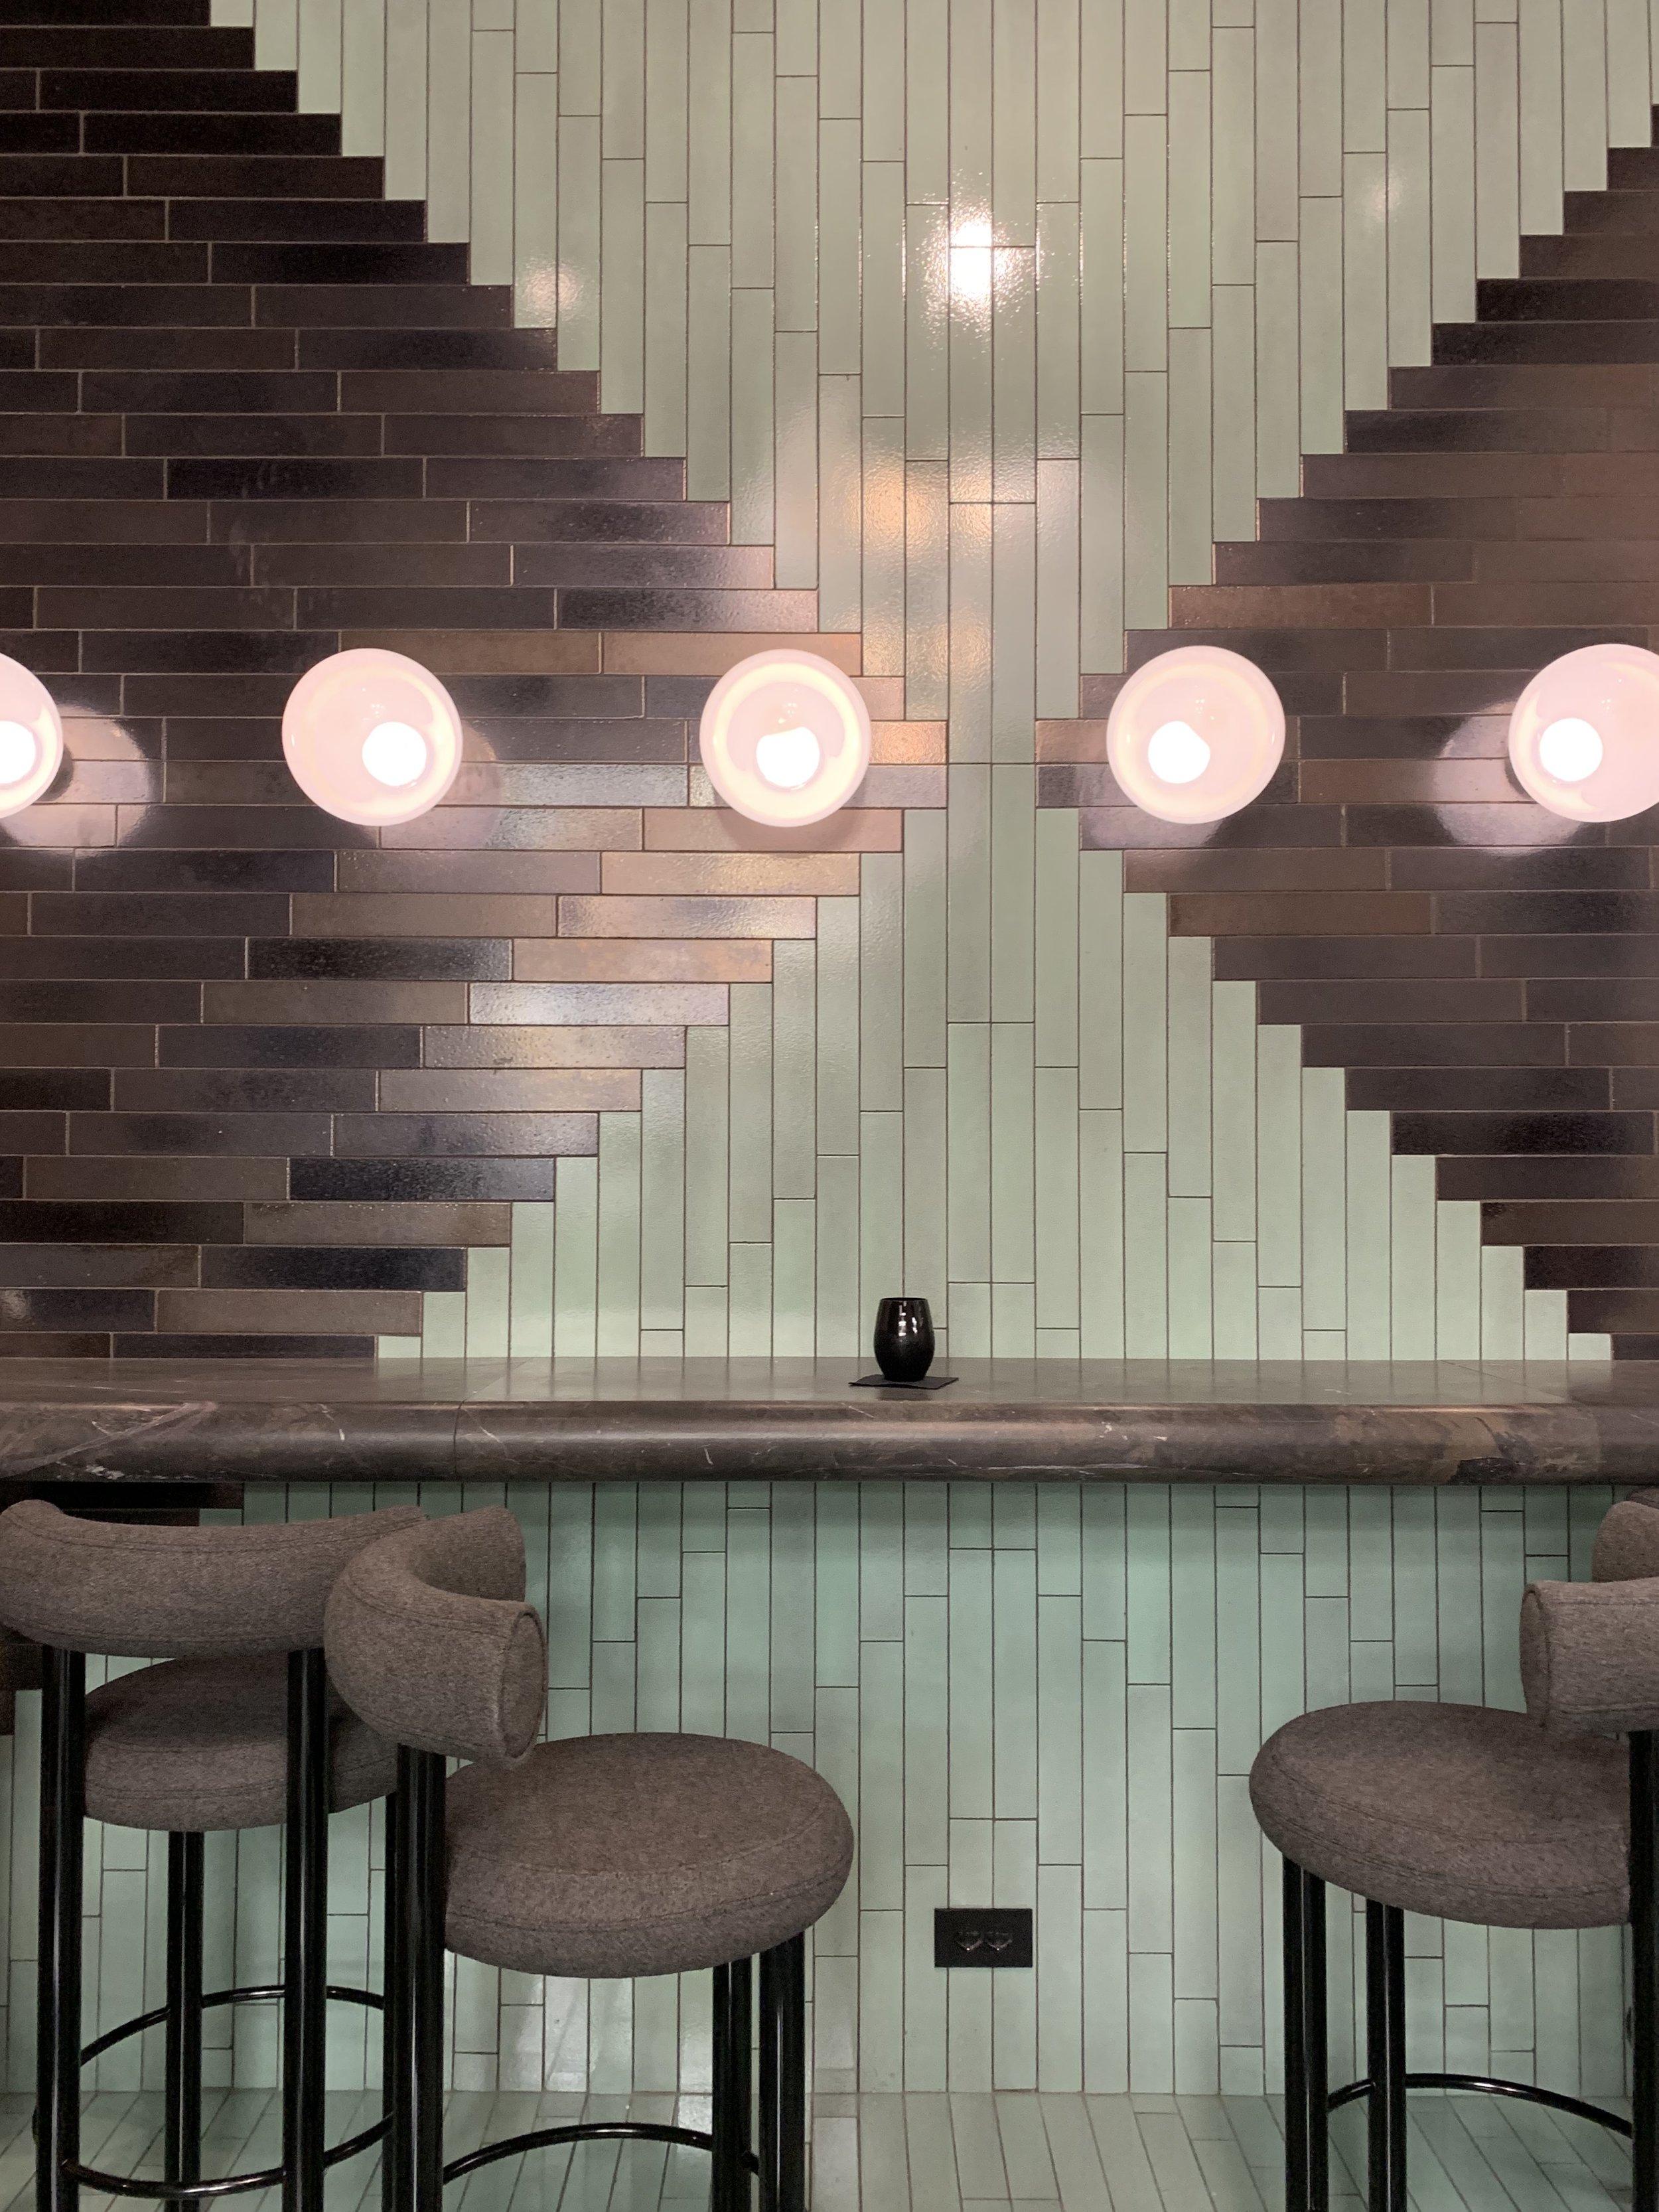 026 Salone del Mobile 2019 Lex de gooijer interiors rotterdam.jpg